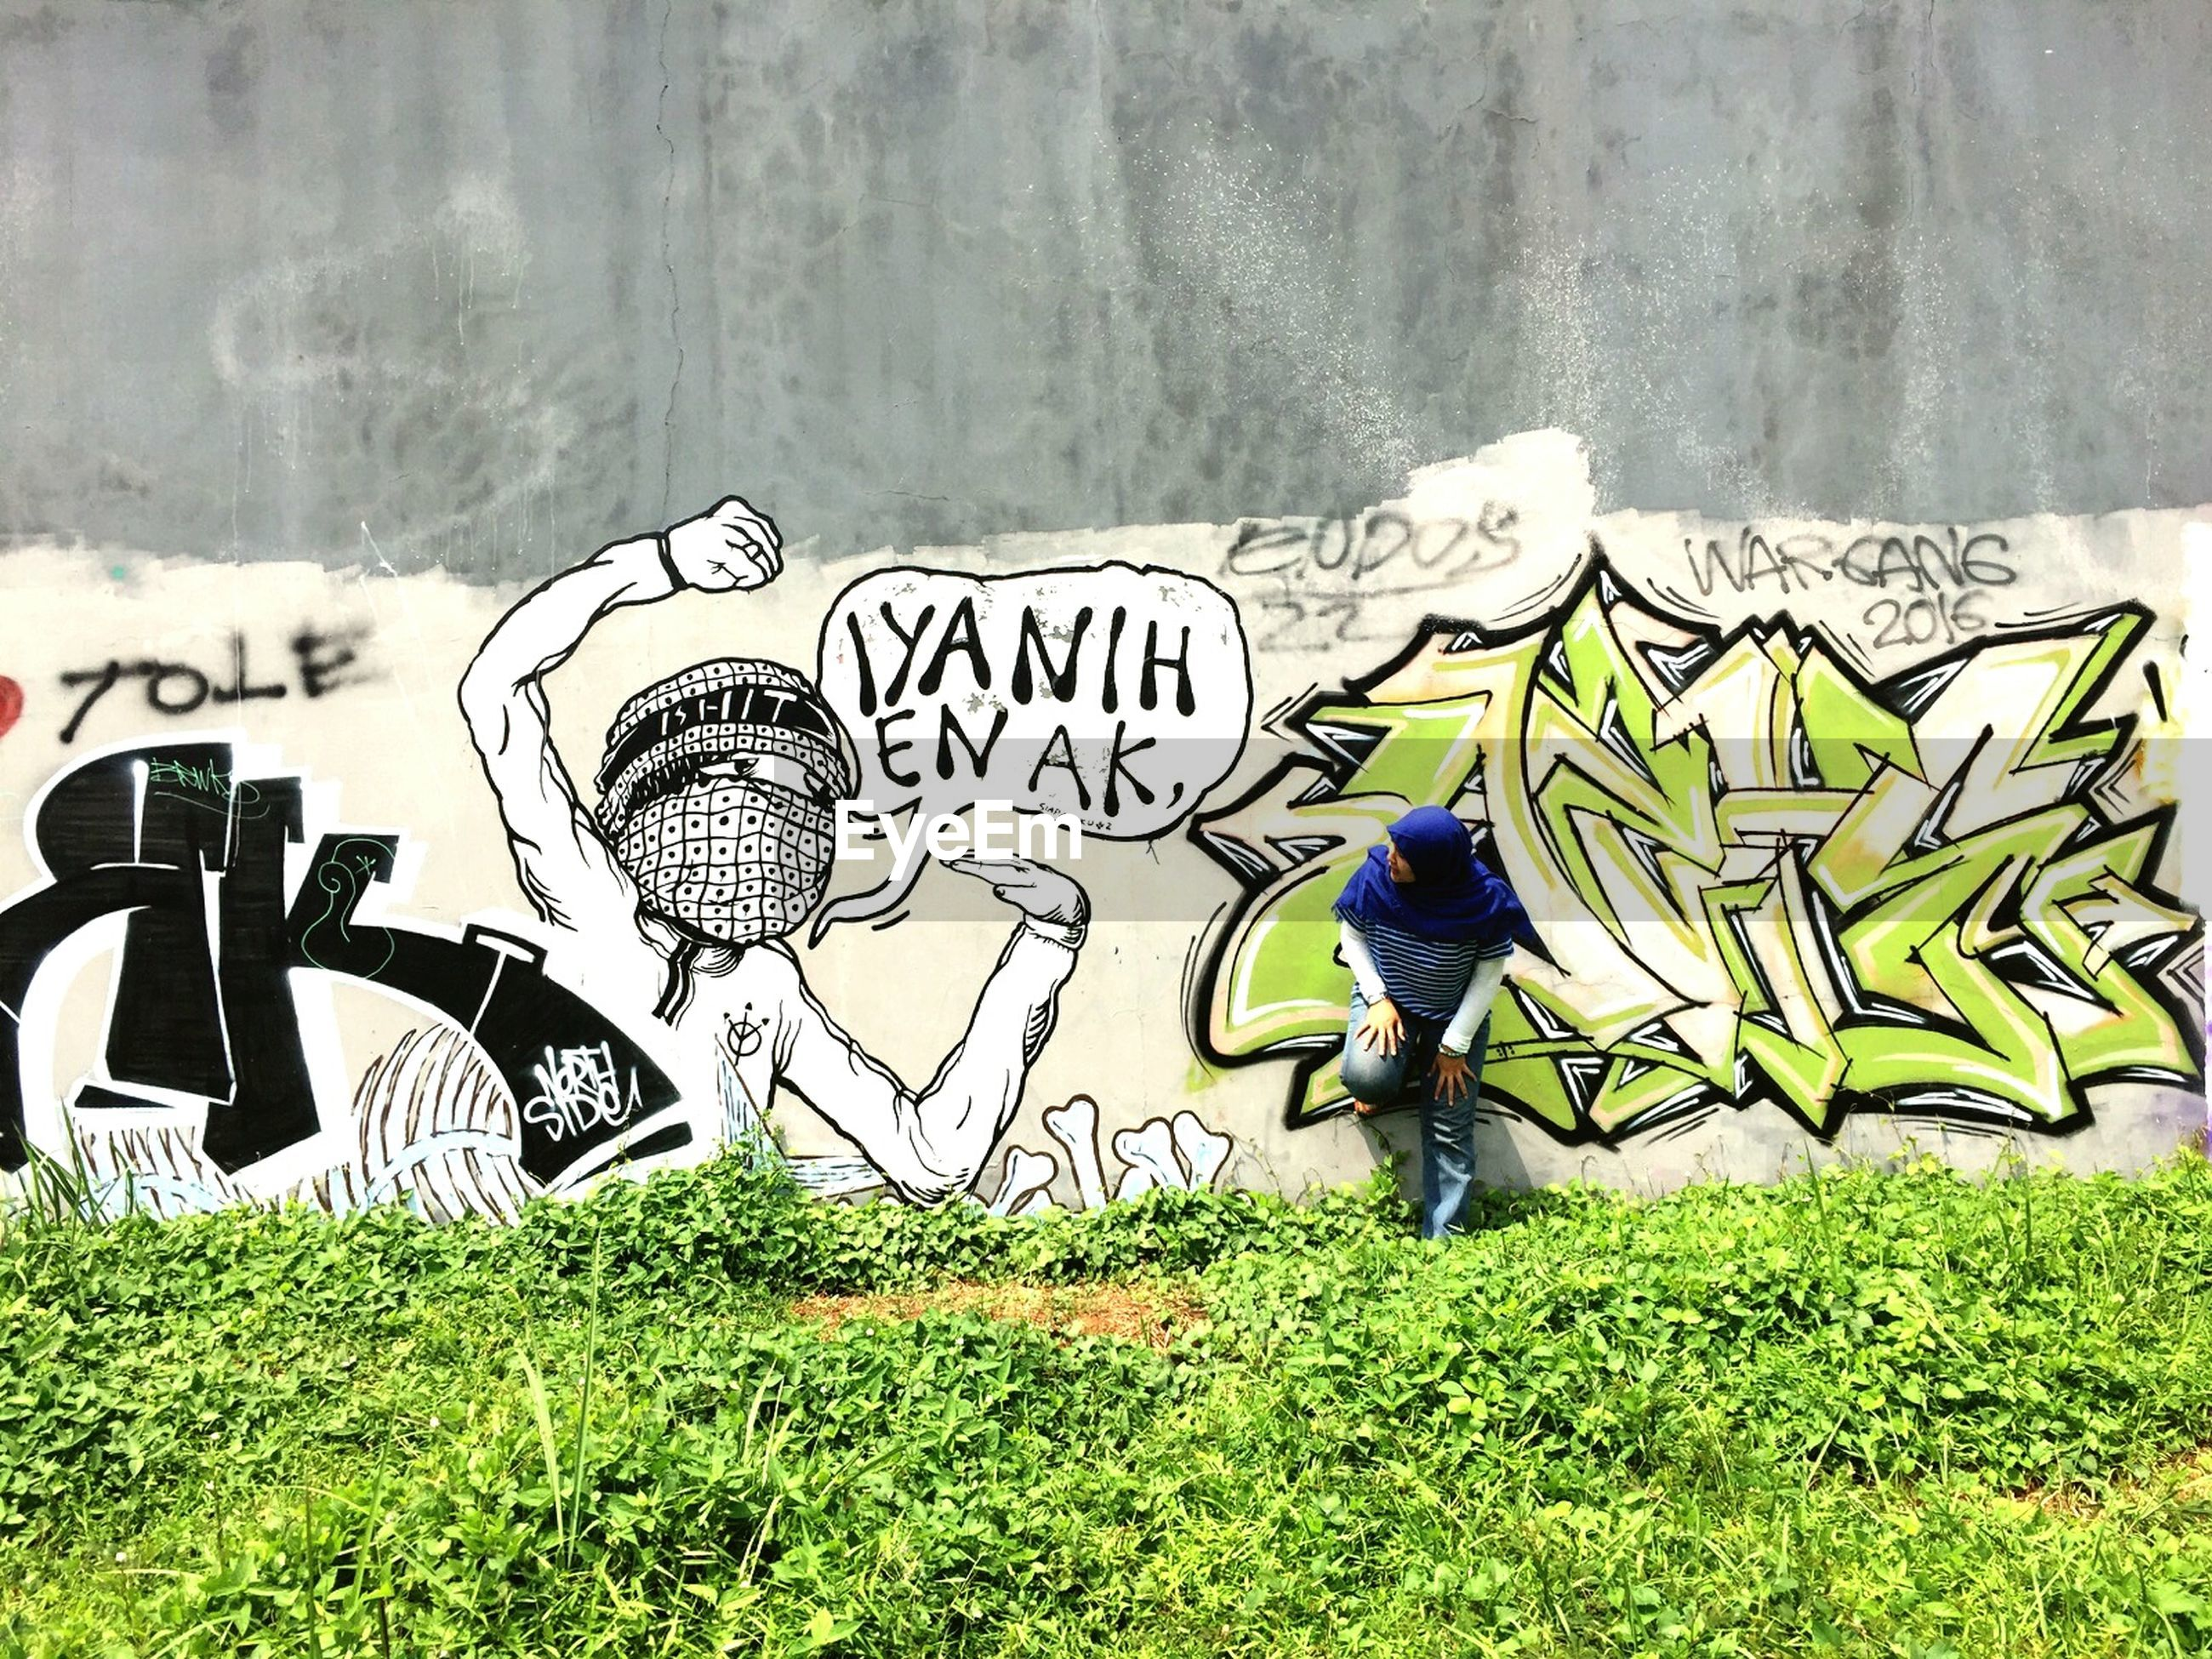 art, art and craft, creativity, graffiti, human representation, grass, animal representation, sculpture, statue, wall - building feature, text, day, field, outdoors, green color, craft, western script, street art